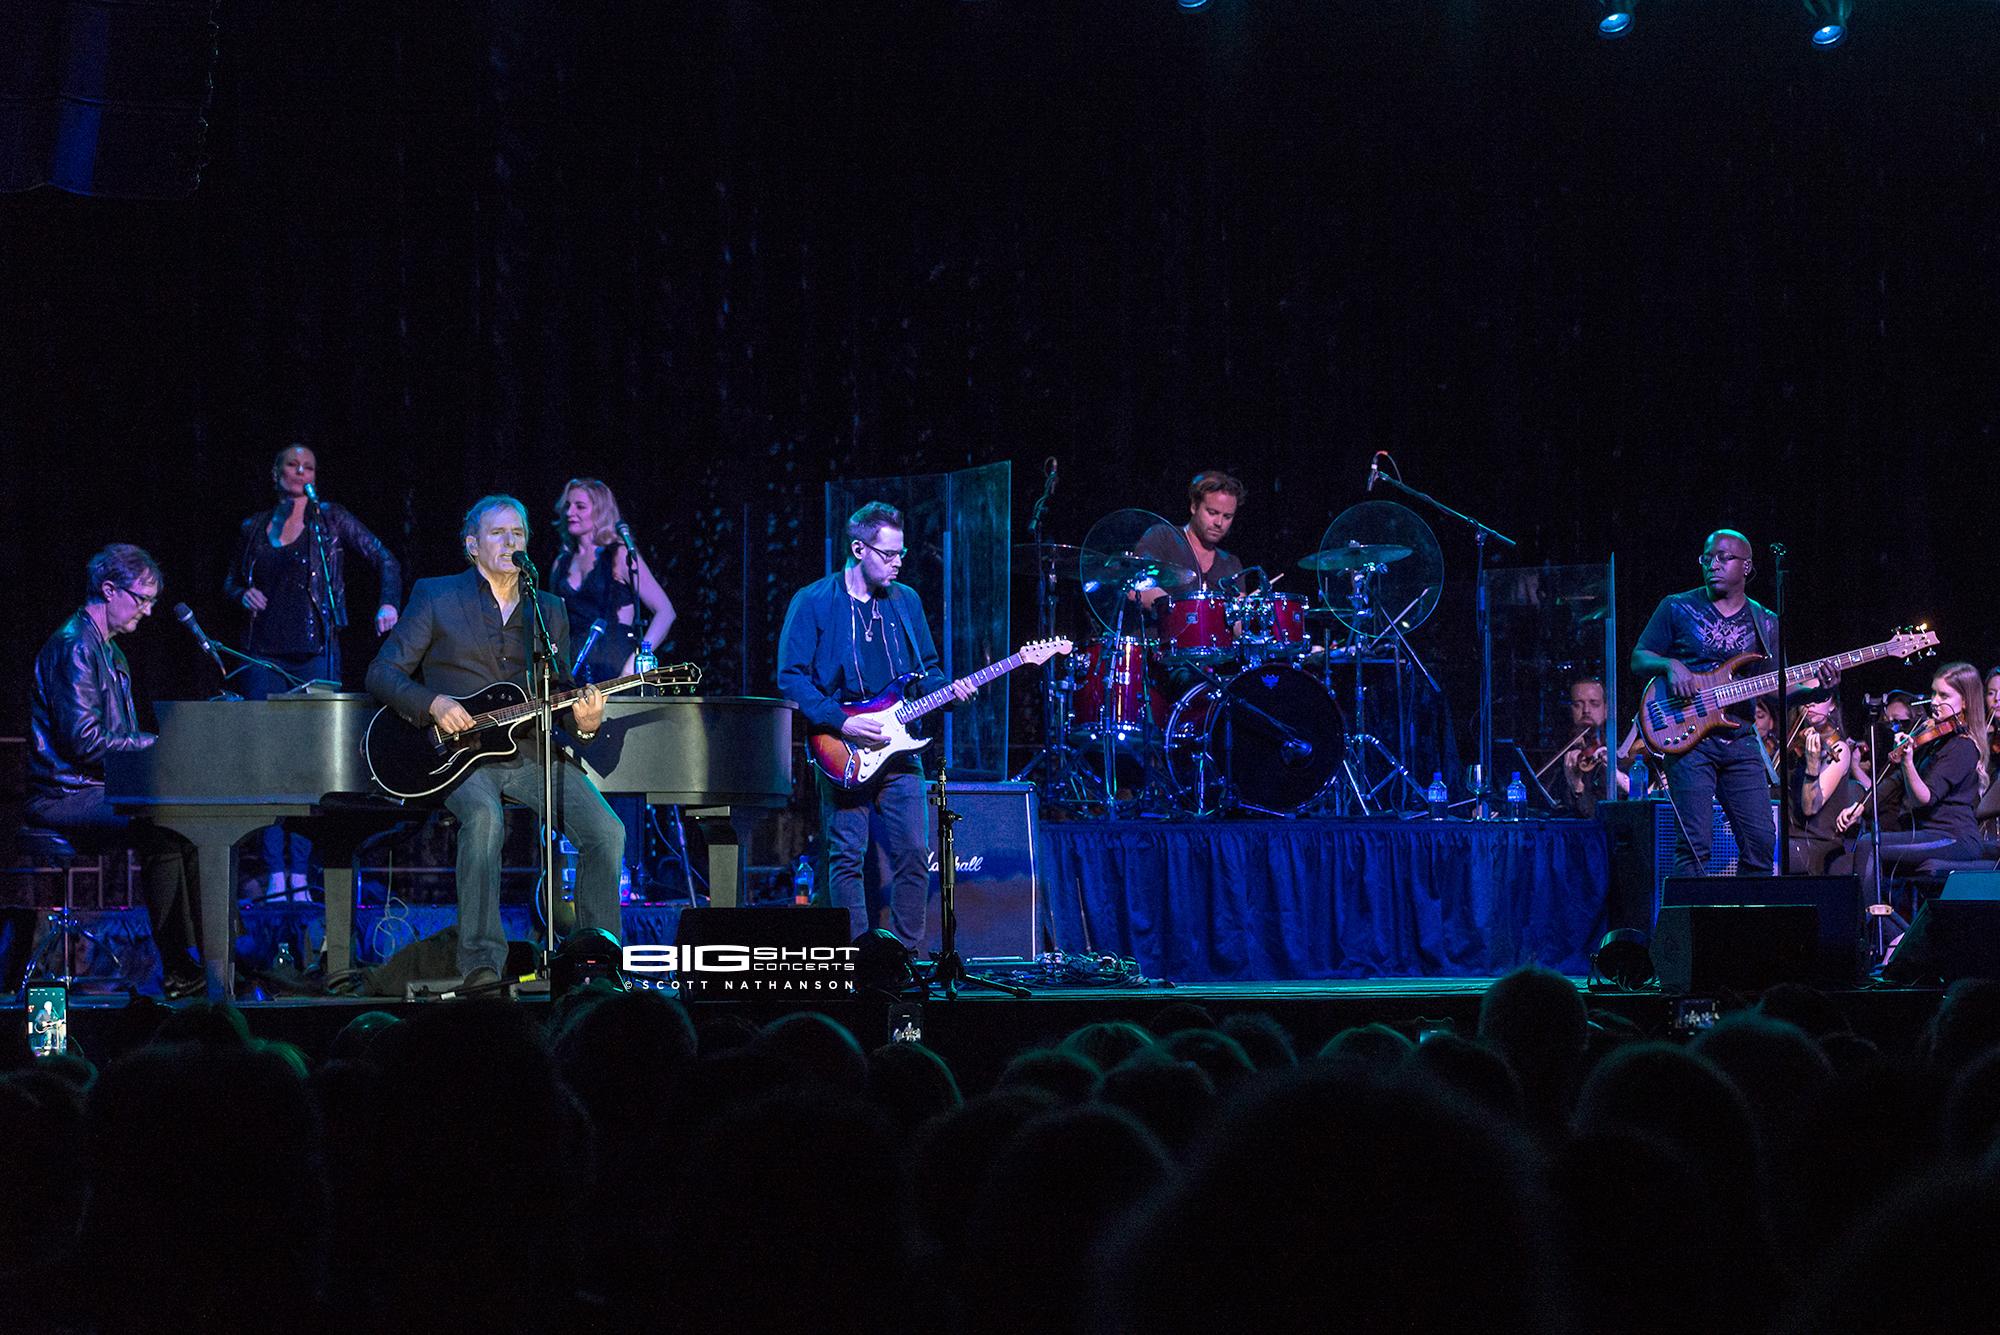 Michael Bolton Concert